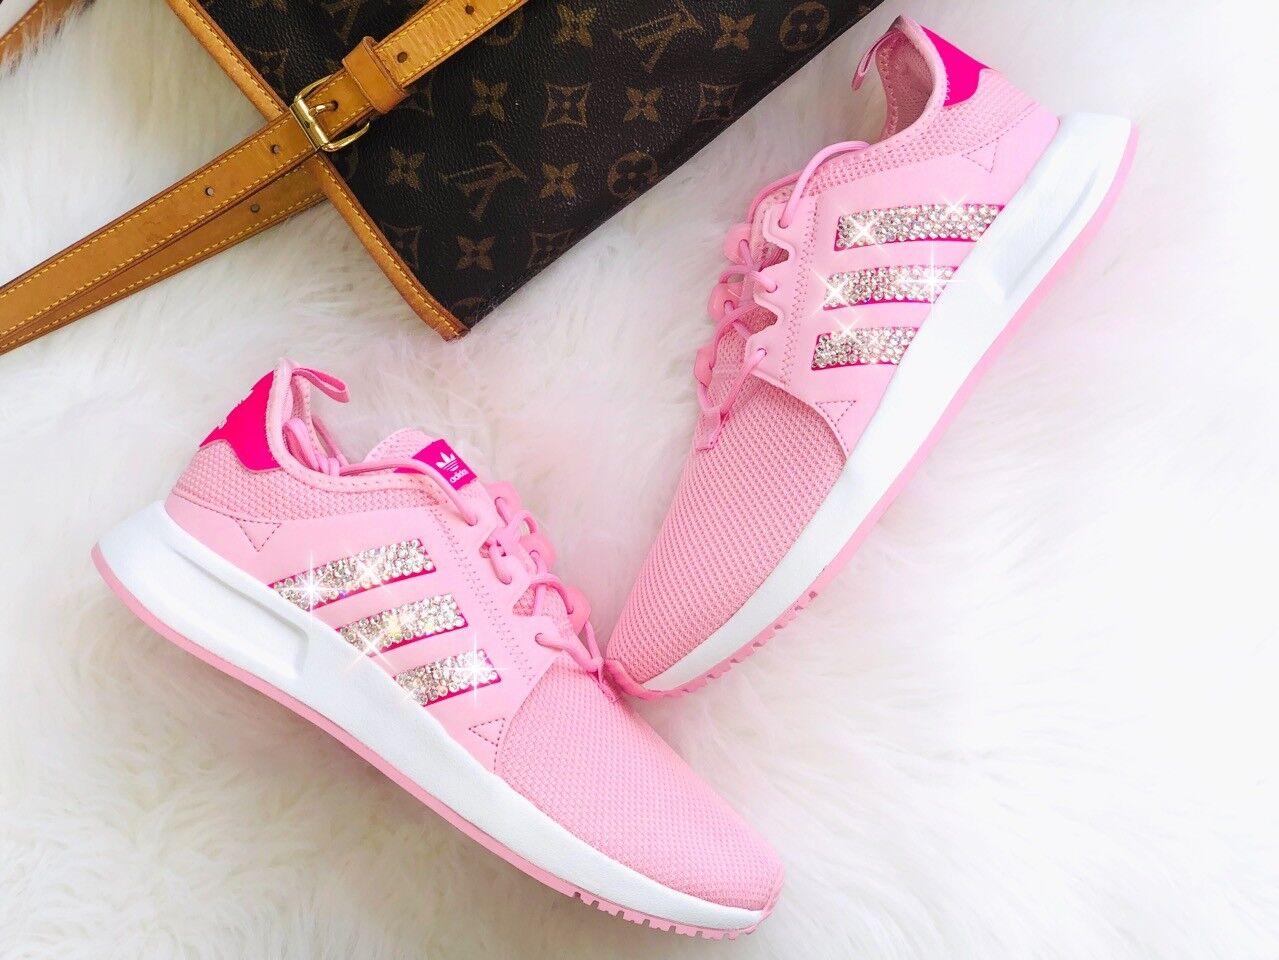 Adidas Originals X PLR J Pink   pink mit Swarovski Elements Luxus Sneaker NMD